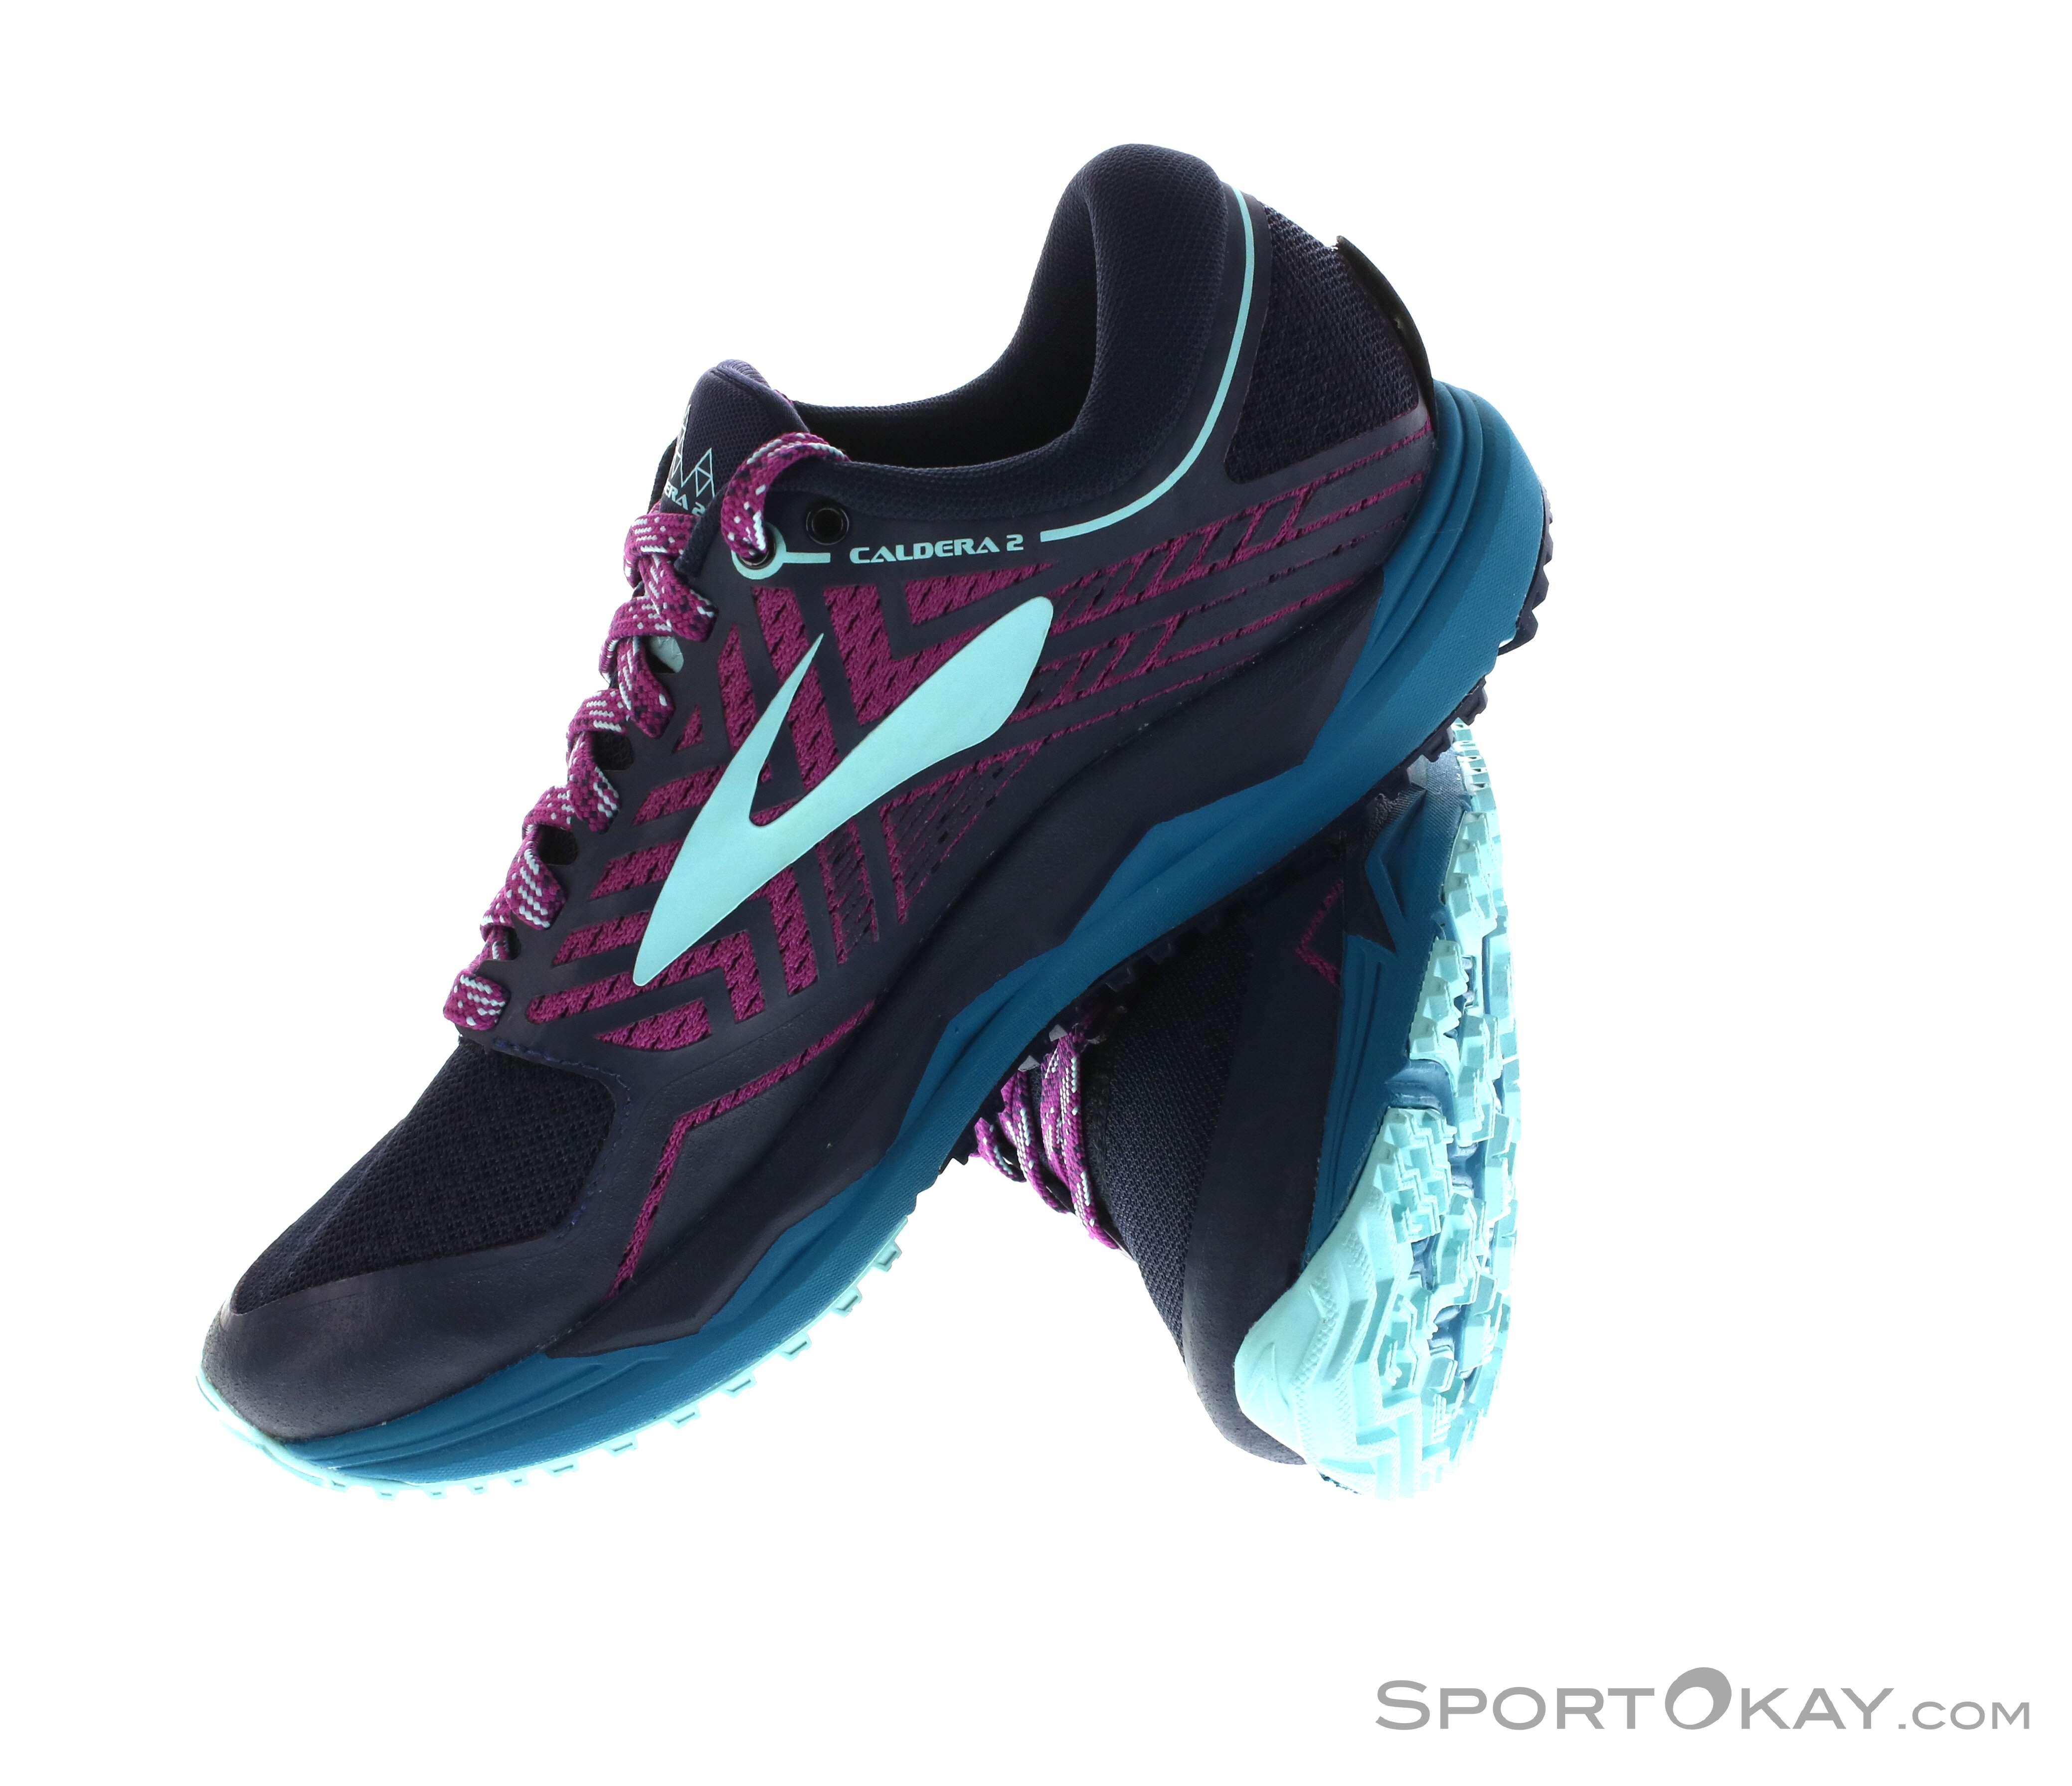 promo code c716f 44c68 Brooks Caldera 2 Womens Running Shoes